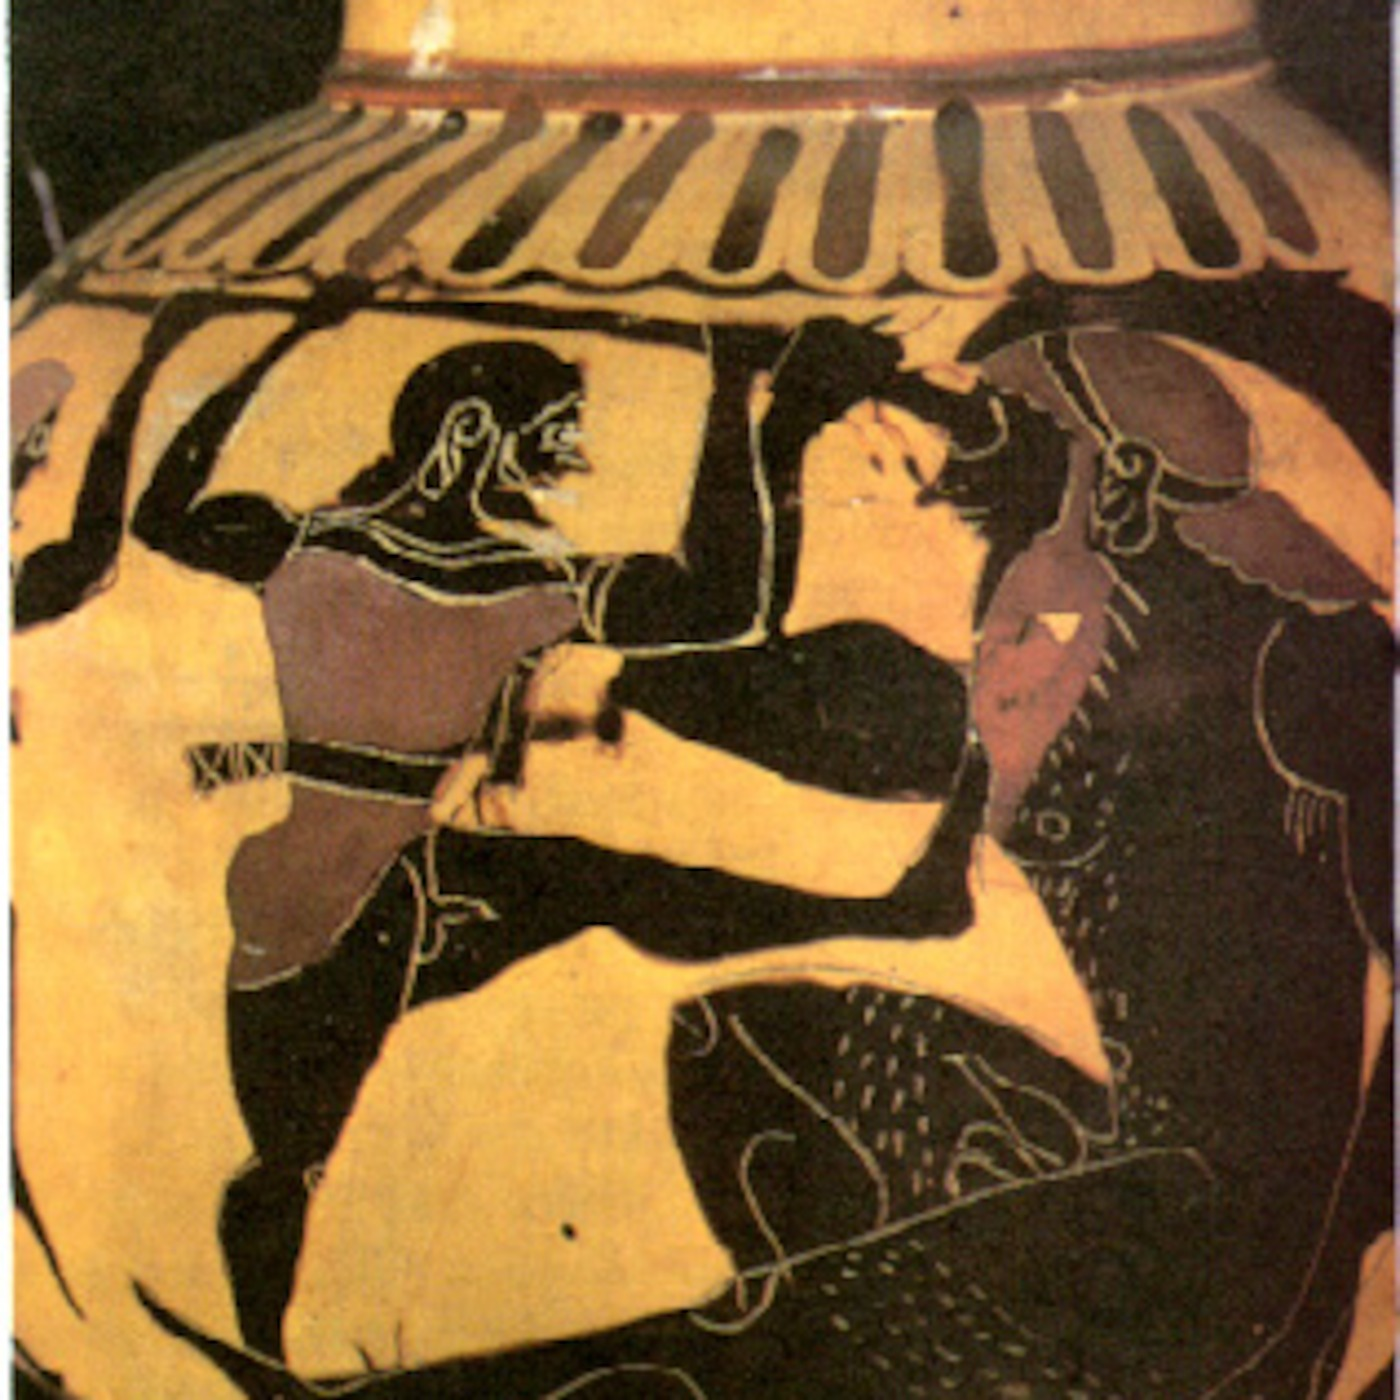 jacob vs odysseus essay